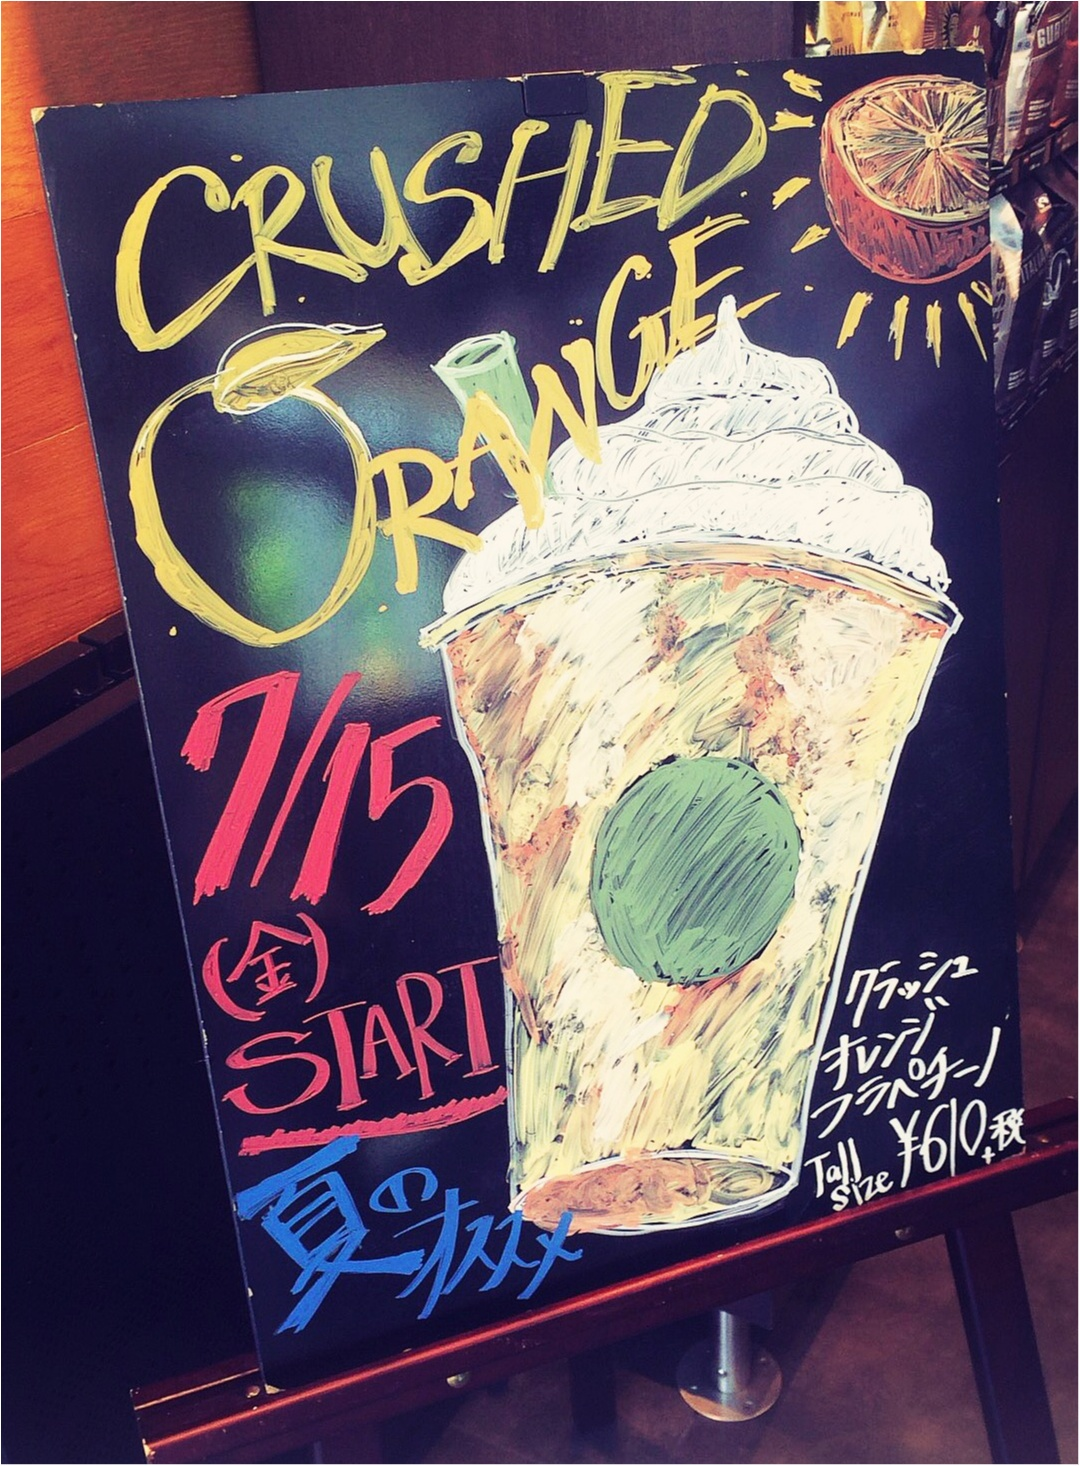 スタバで飲めちゃうカルピス?!夏にぴったり♡『クールライム』の絶品カスタムが話題☻次の新作情報も!_3